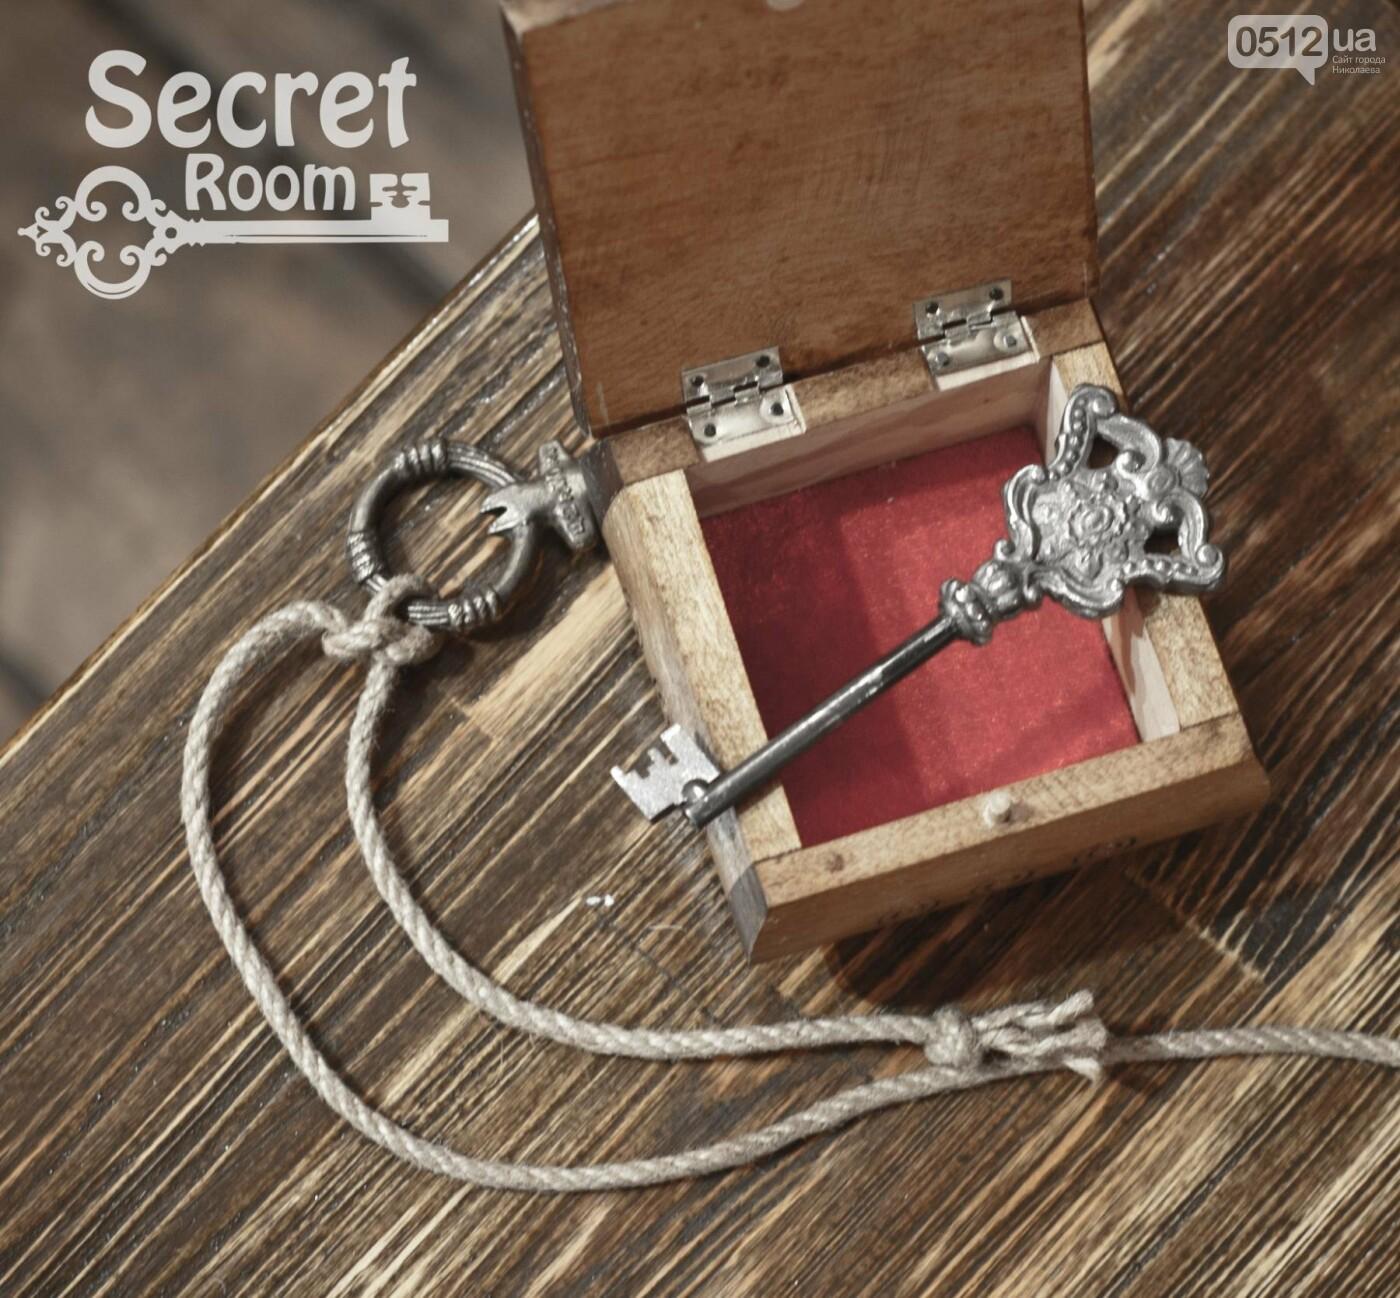 Secret Room: квест комнаты